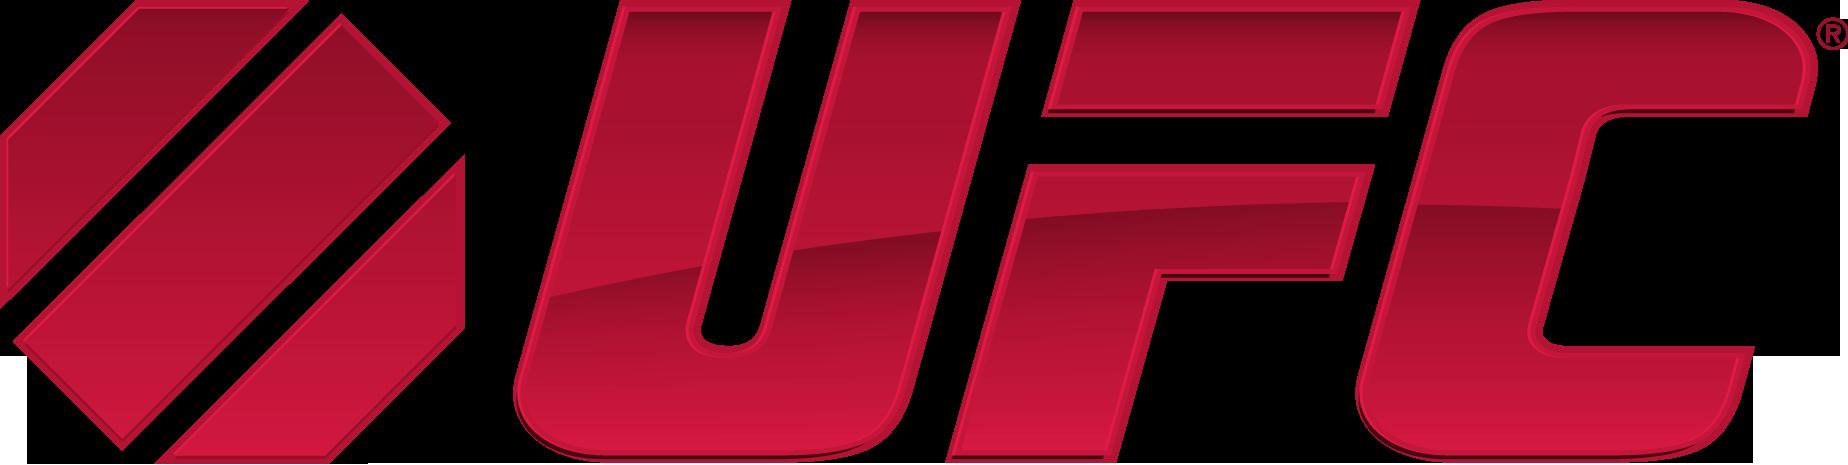 Ufc Logo   Babes HD Wallpaper 1848x465